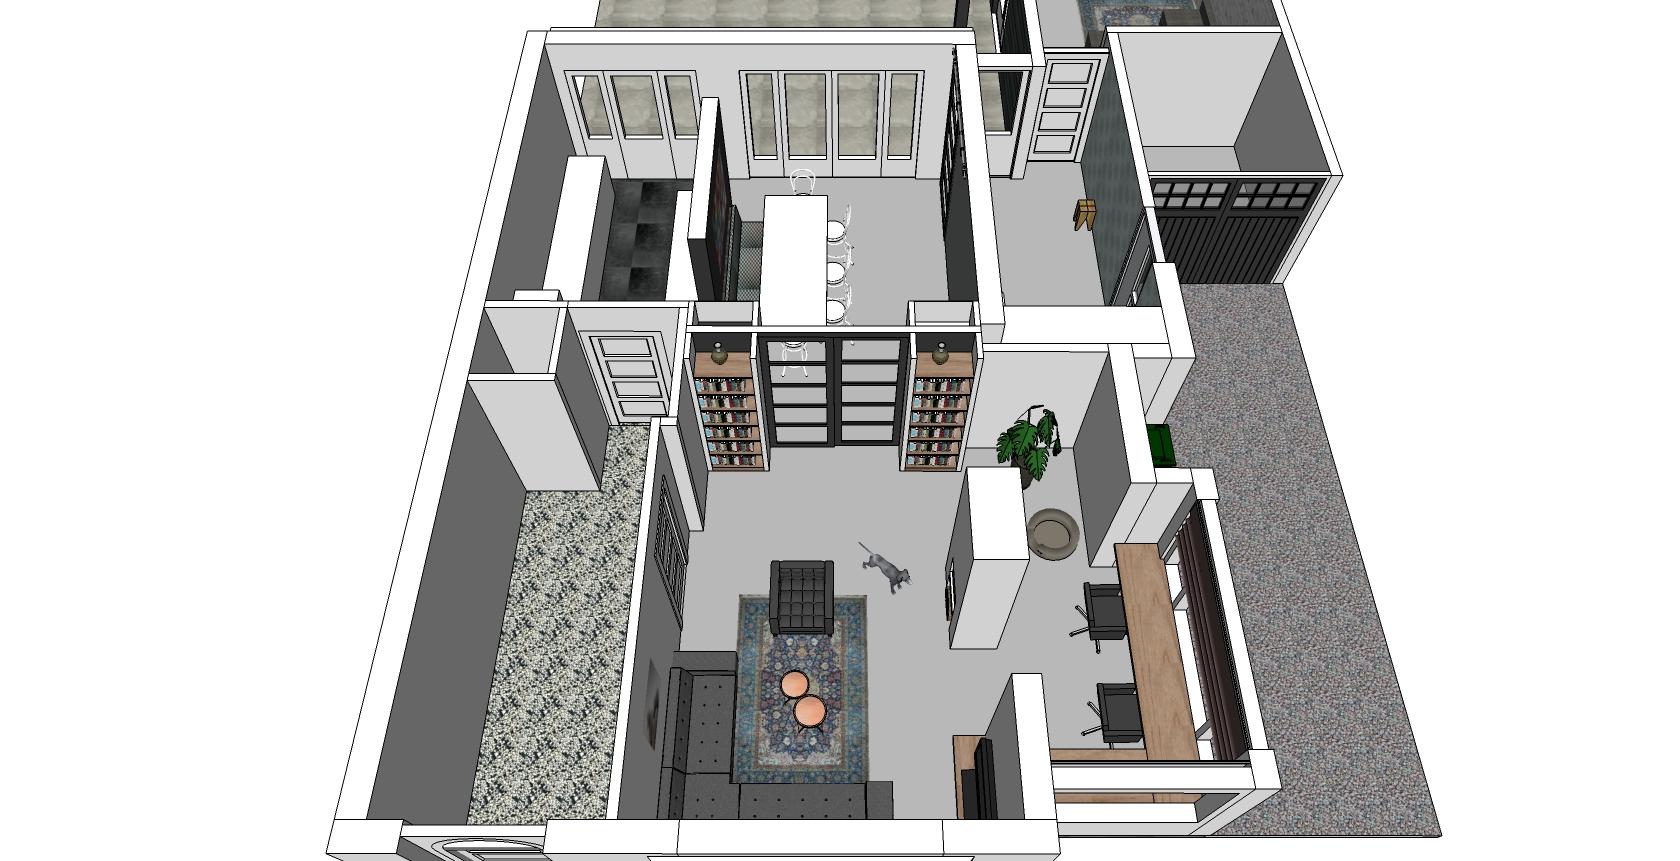 offiz-hoomz-interieuradvies-ontwerp-zeist-interieurvoorstel-uitbouw-woonkamer-5